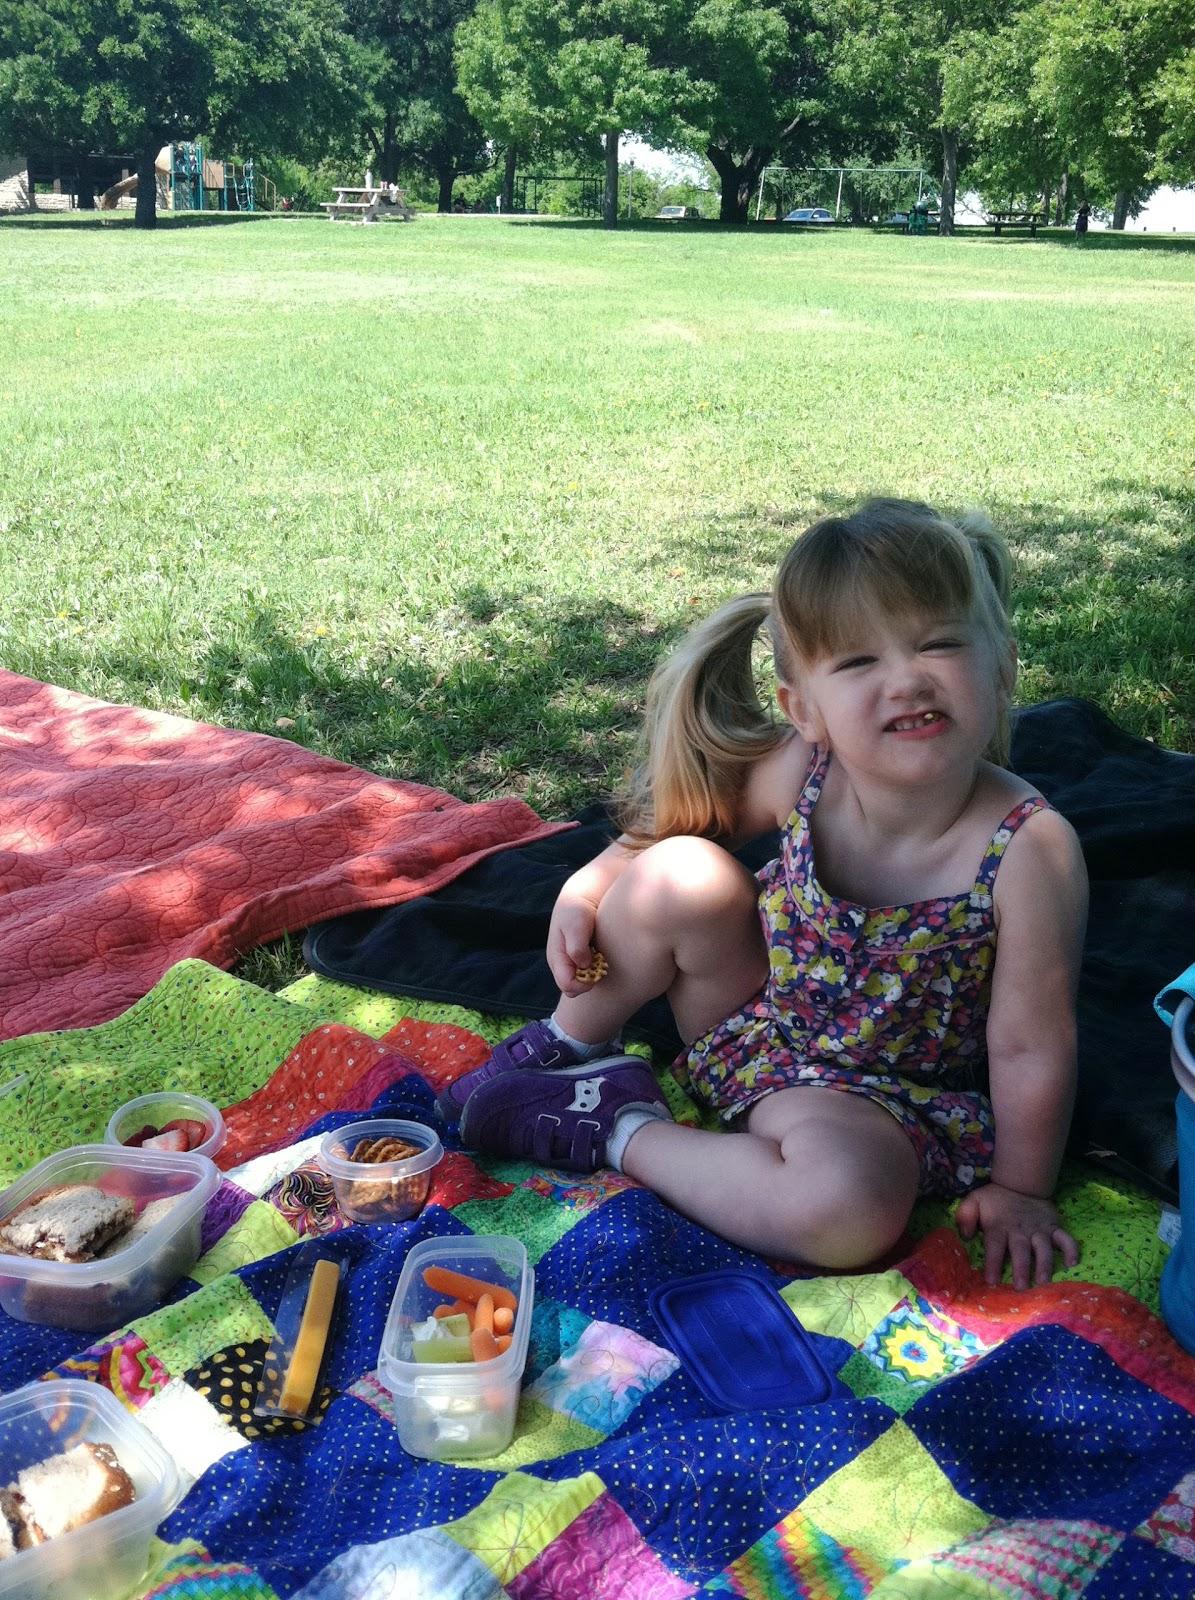 Bare picnic